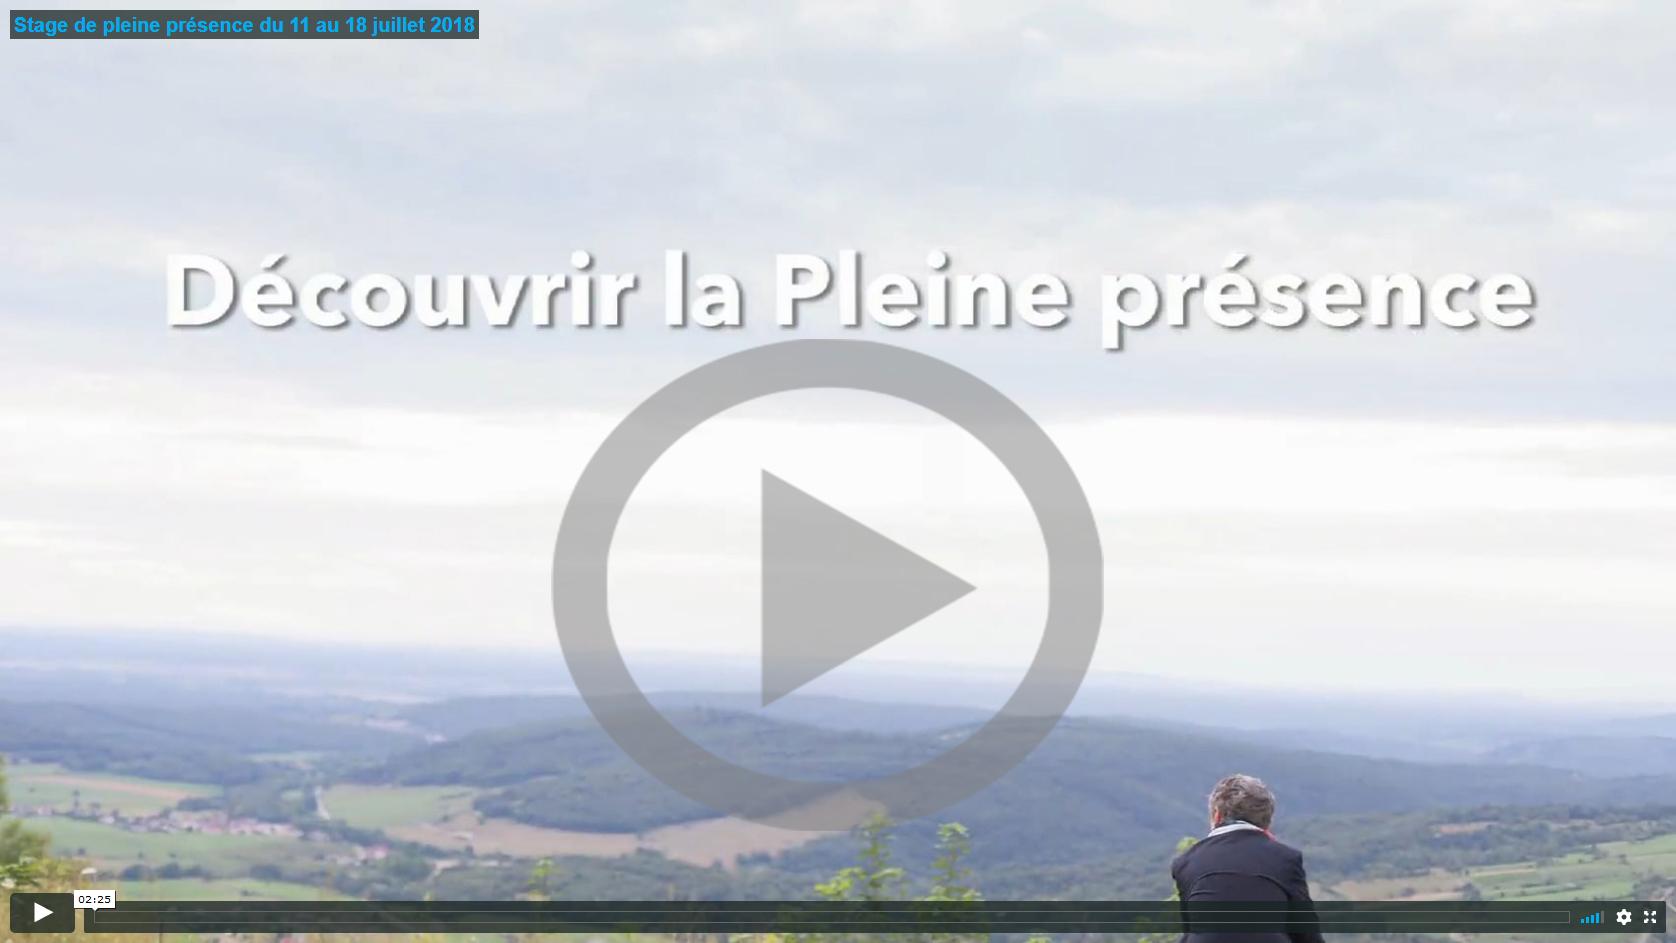 Image de la vidéo présentant le stage de Pleine présence de juillet 2018 organisé par l'École occidentale de méditation, fondée par Fabrice Midal